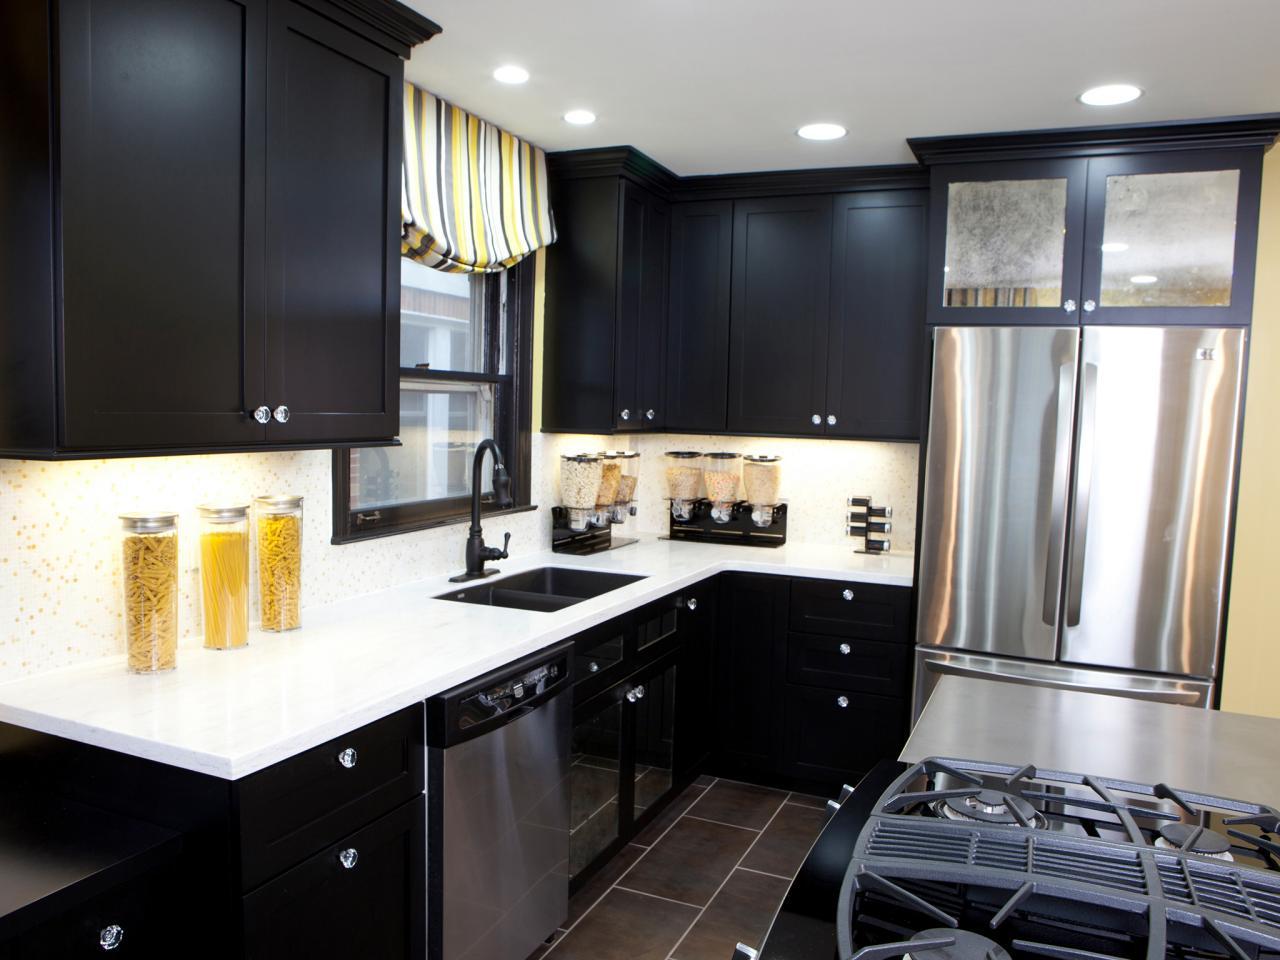 h2dsw104_after-avec-armoires-de-cuisine-noires_s4x3-jpg-rend-hgtvcom-1280-960